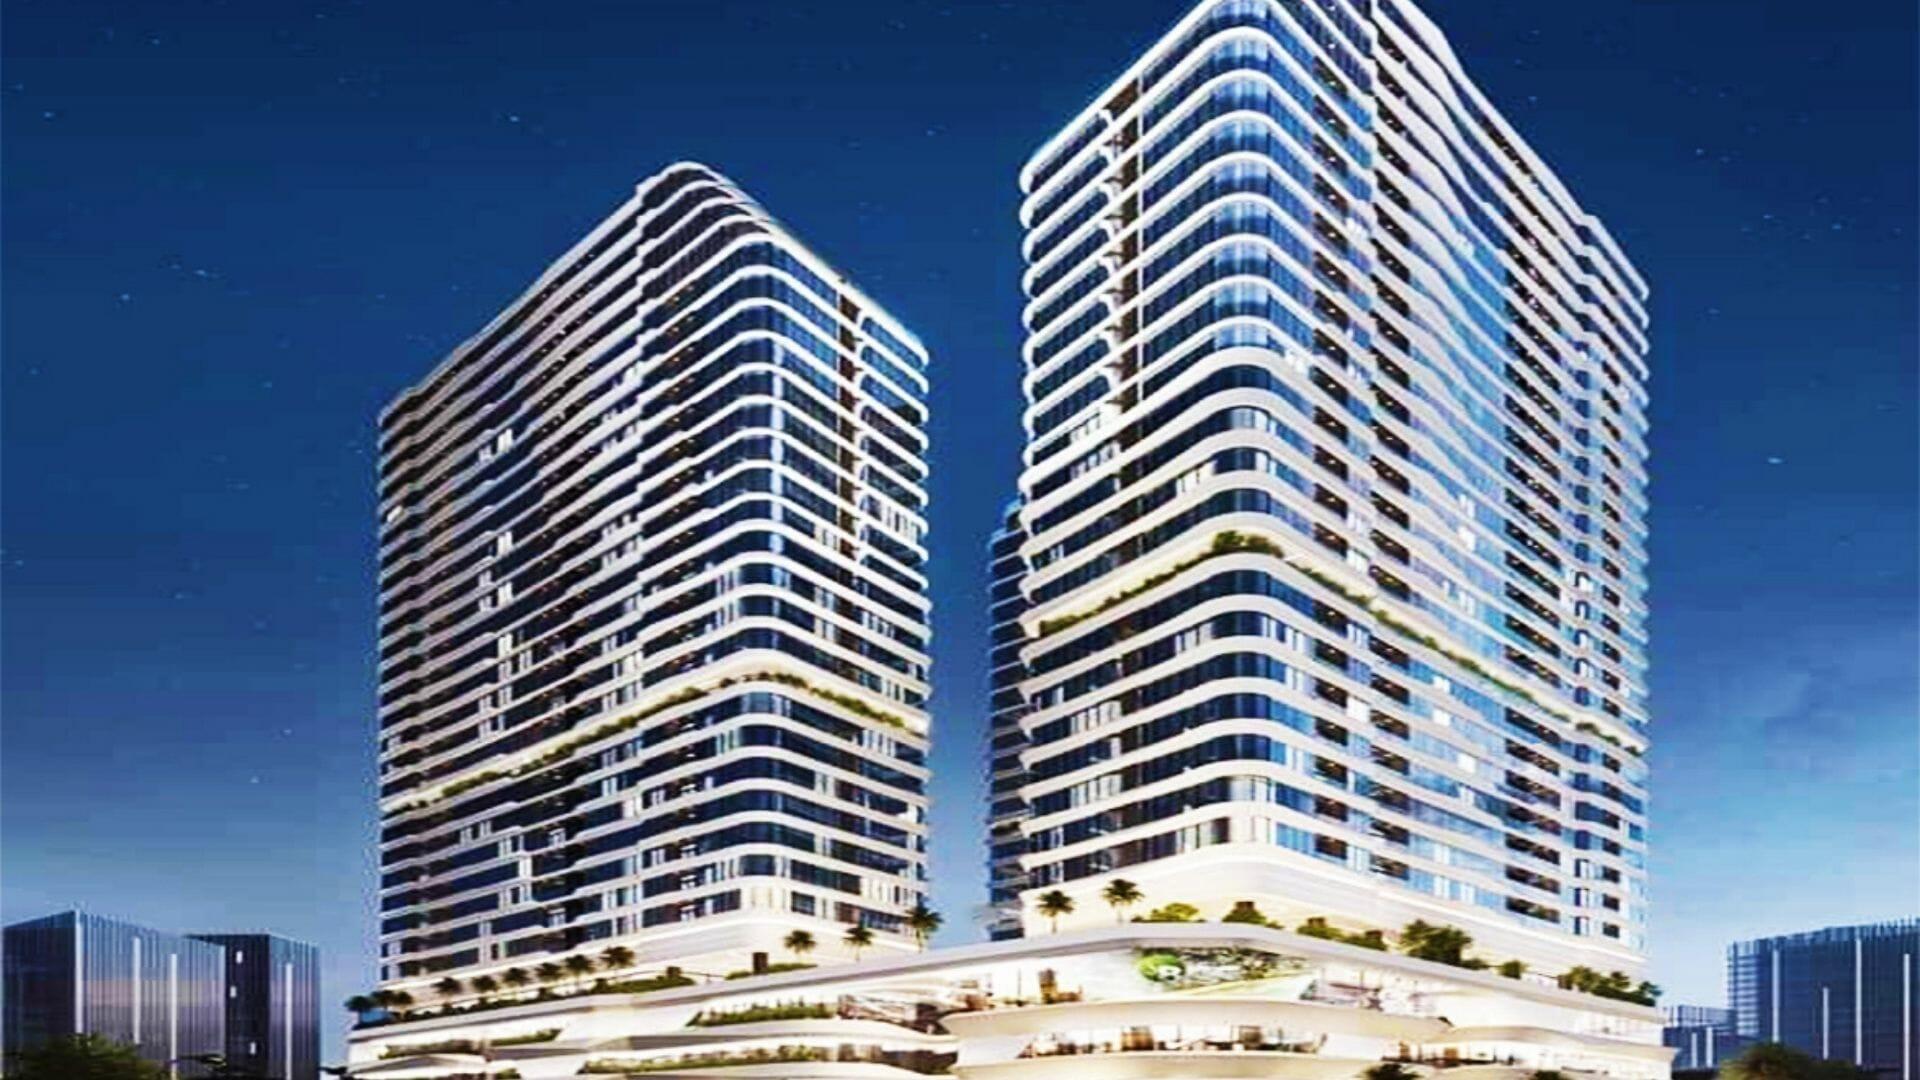 Dự án được mong đợi bởi vị trí trung tâm thành phố Thủ Đức và thiết kế đặc biệt